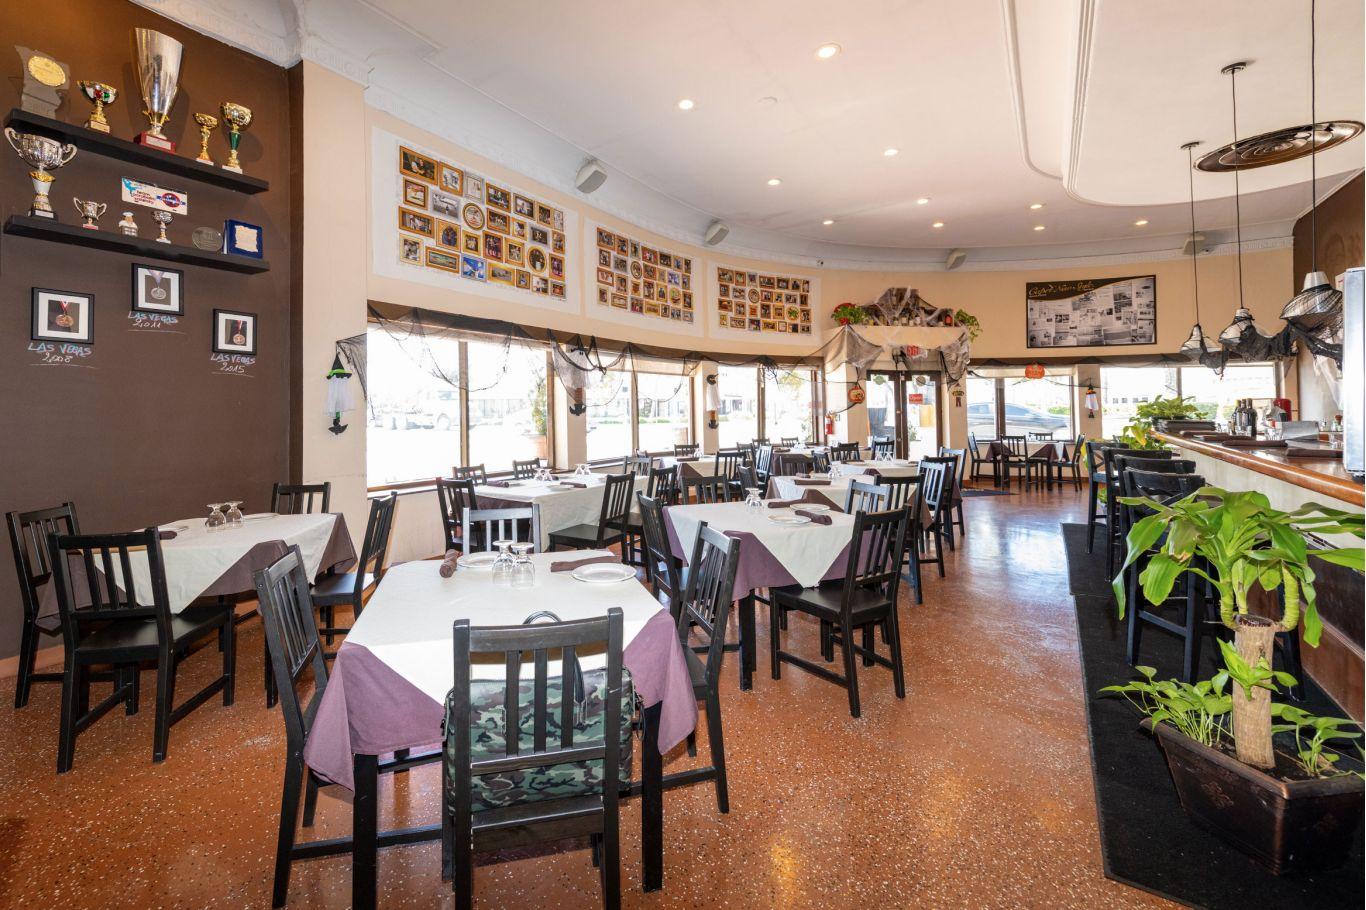 Capri New Style Miami Has Become Miami Beach's Most Popular Non-Gluten Restaurant